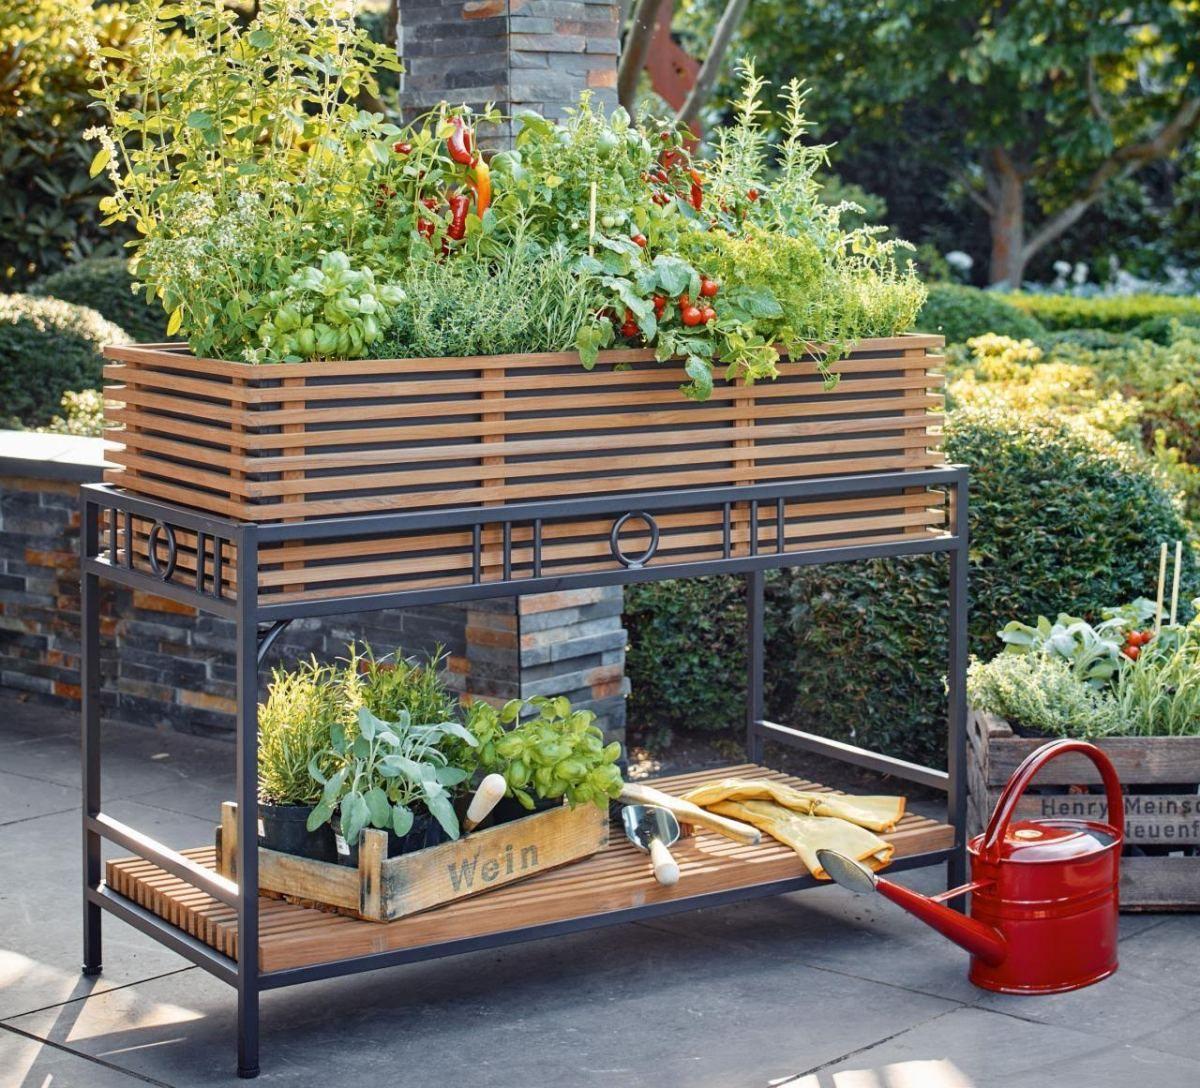 hochbeet bauen und bepflanzen so geht 39 s hochbeet aus. Black Bedroom Furniture Sets. Home Design Ideas